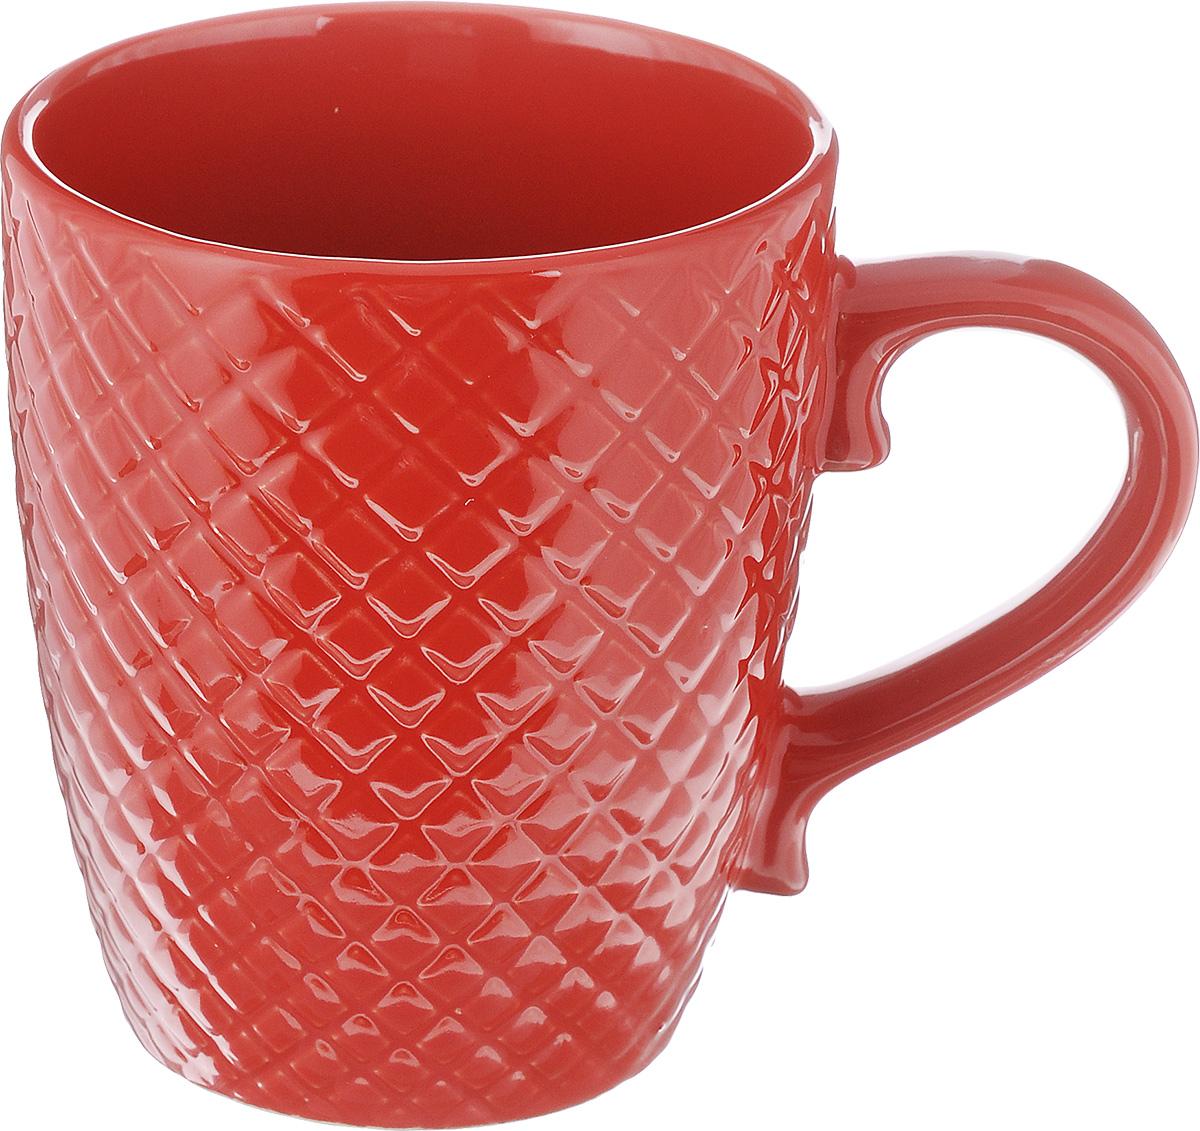 Кружка Walmer Amber, цвет: красный, 350 млW06121035Кружка Walmer Amber изготовлена из высококачественной керамики. Изделие оформлено изысканным рельефным орнаментом. Такая кружка прекрасно оформит стол к чаепитию и станет его неизменным атрибутом. Можно использовать в посудомоечной машине и СВЧ. Диаметр (по верхнему краю): 9 см. Диаметр основания: 6 см. Высота: 11 см.